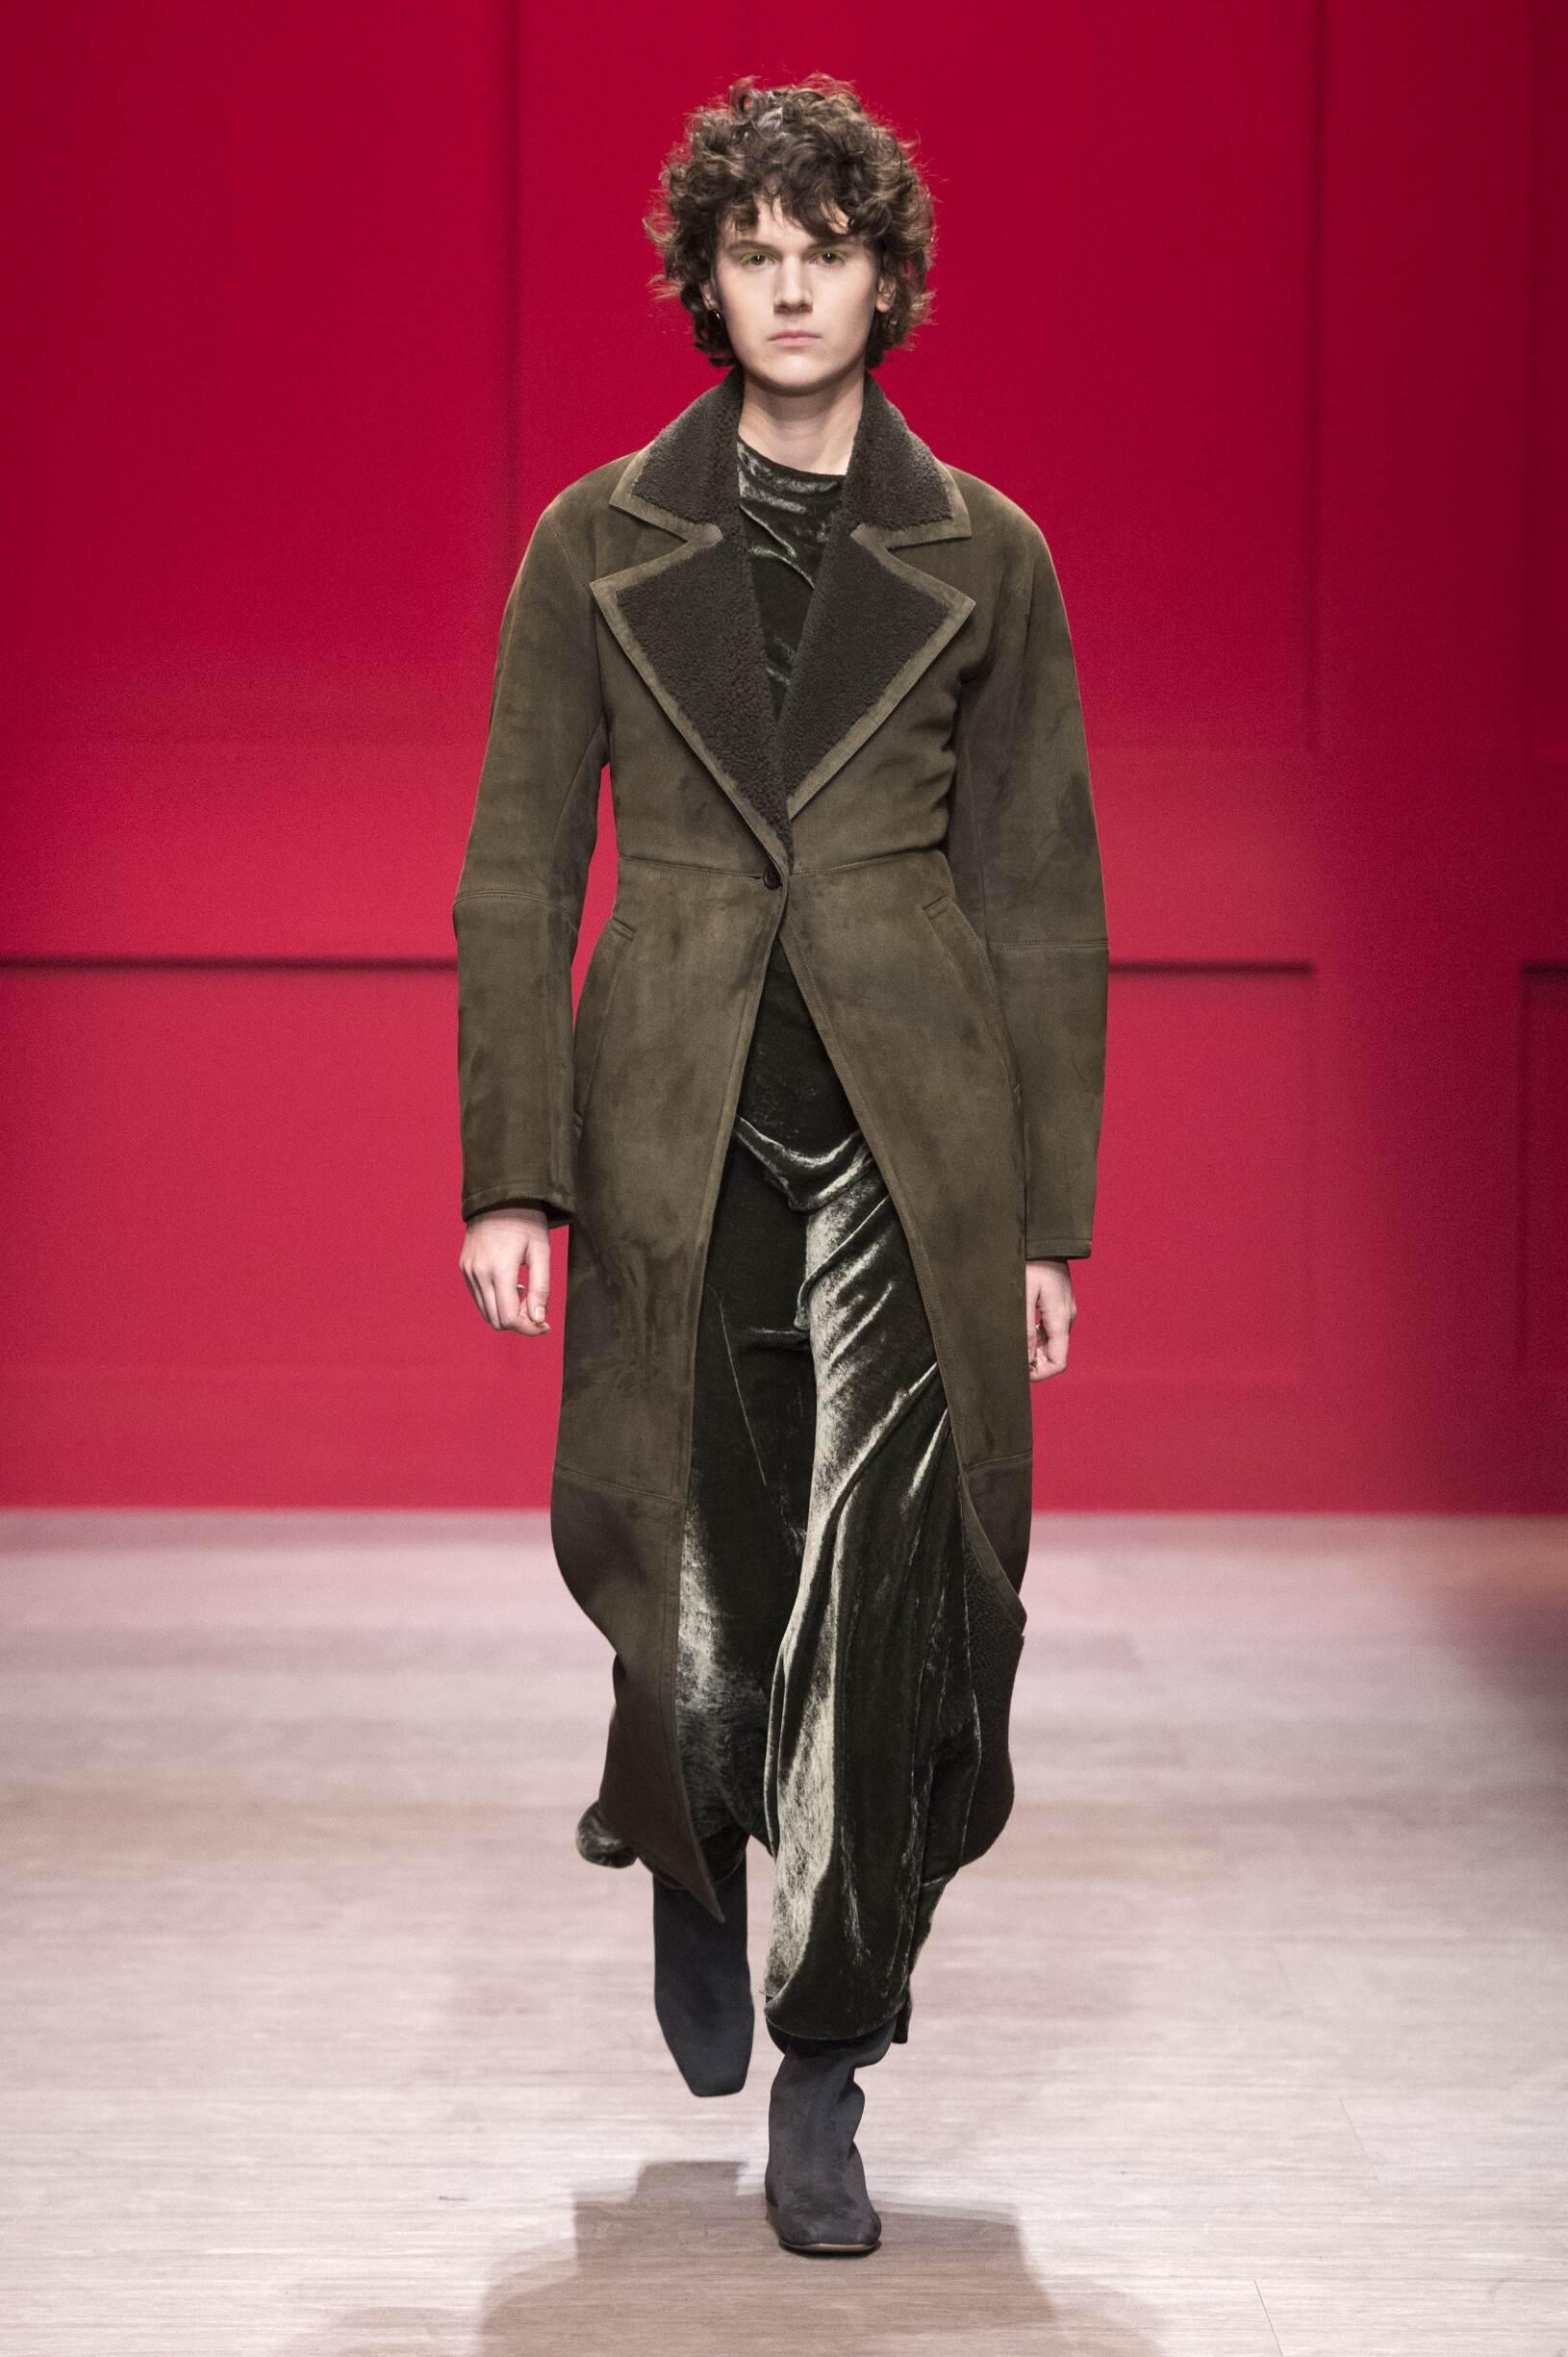 Salvatore Ferragamo FW 2018 Menswear